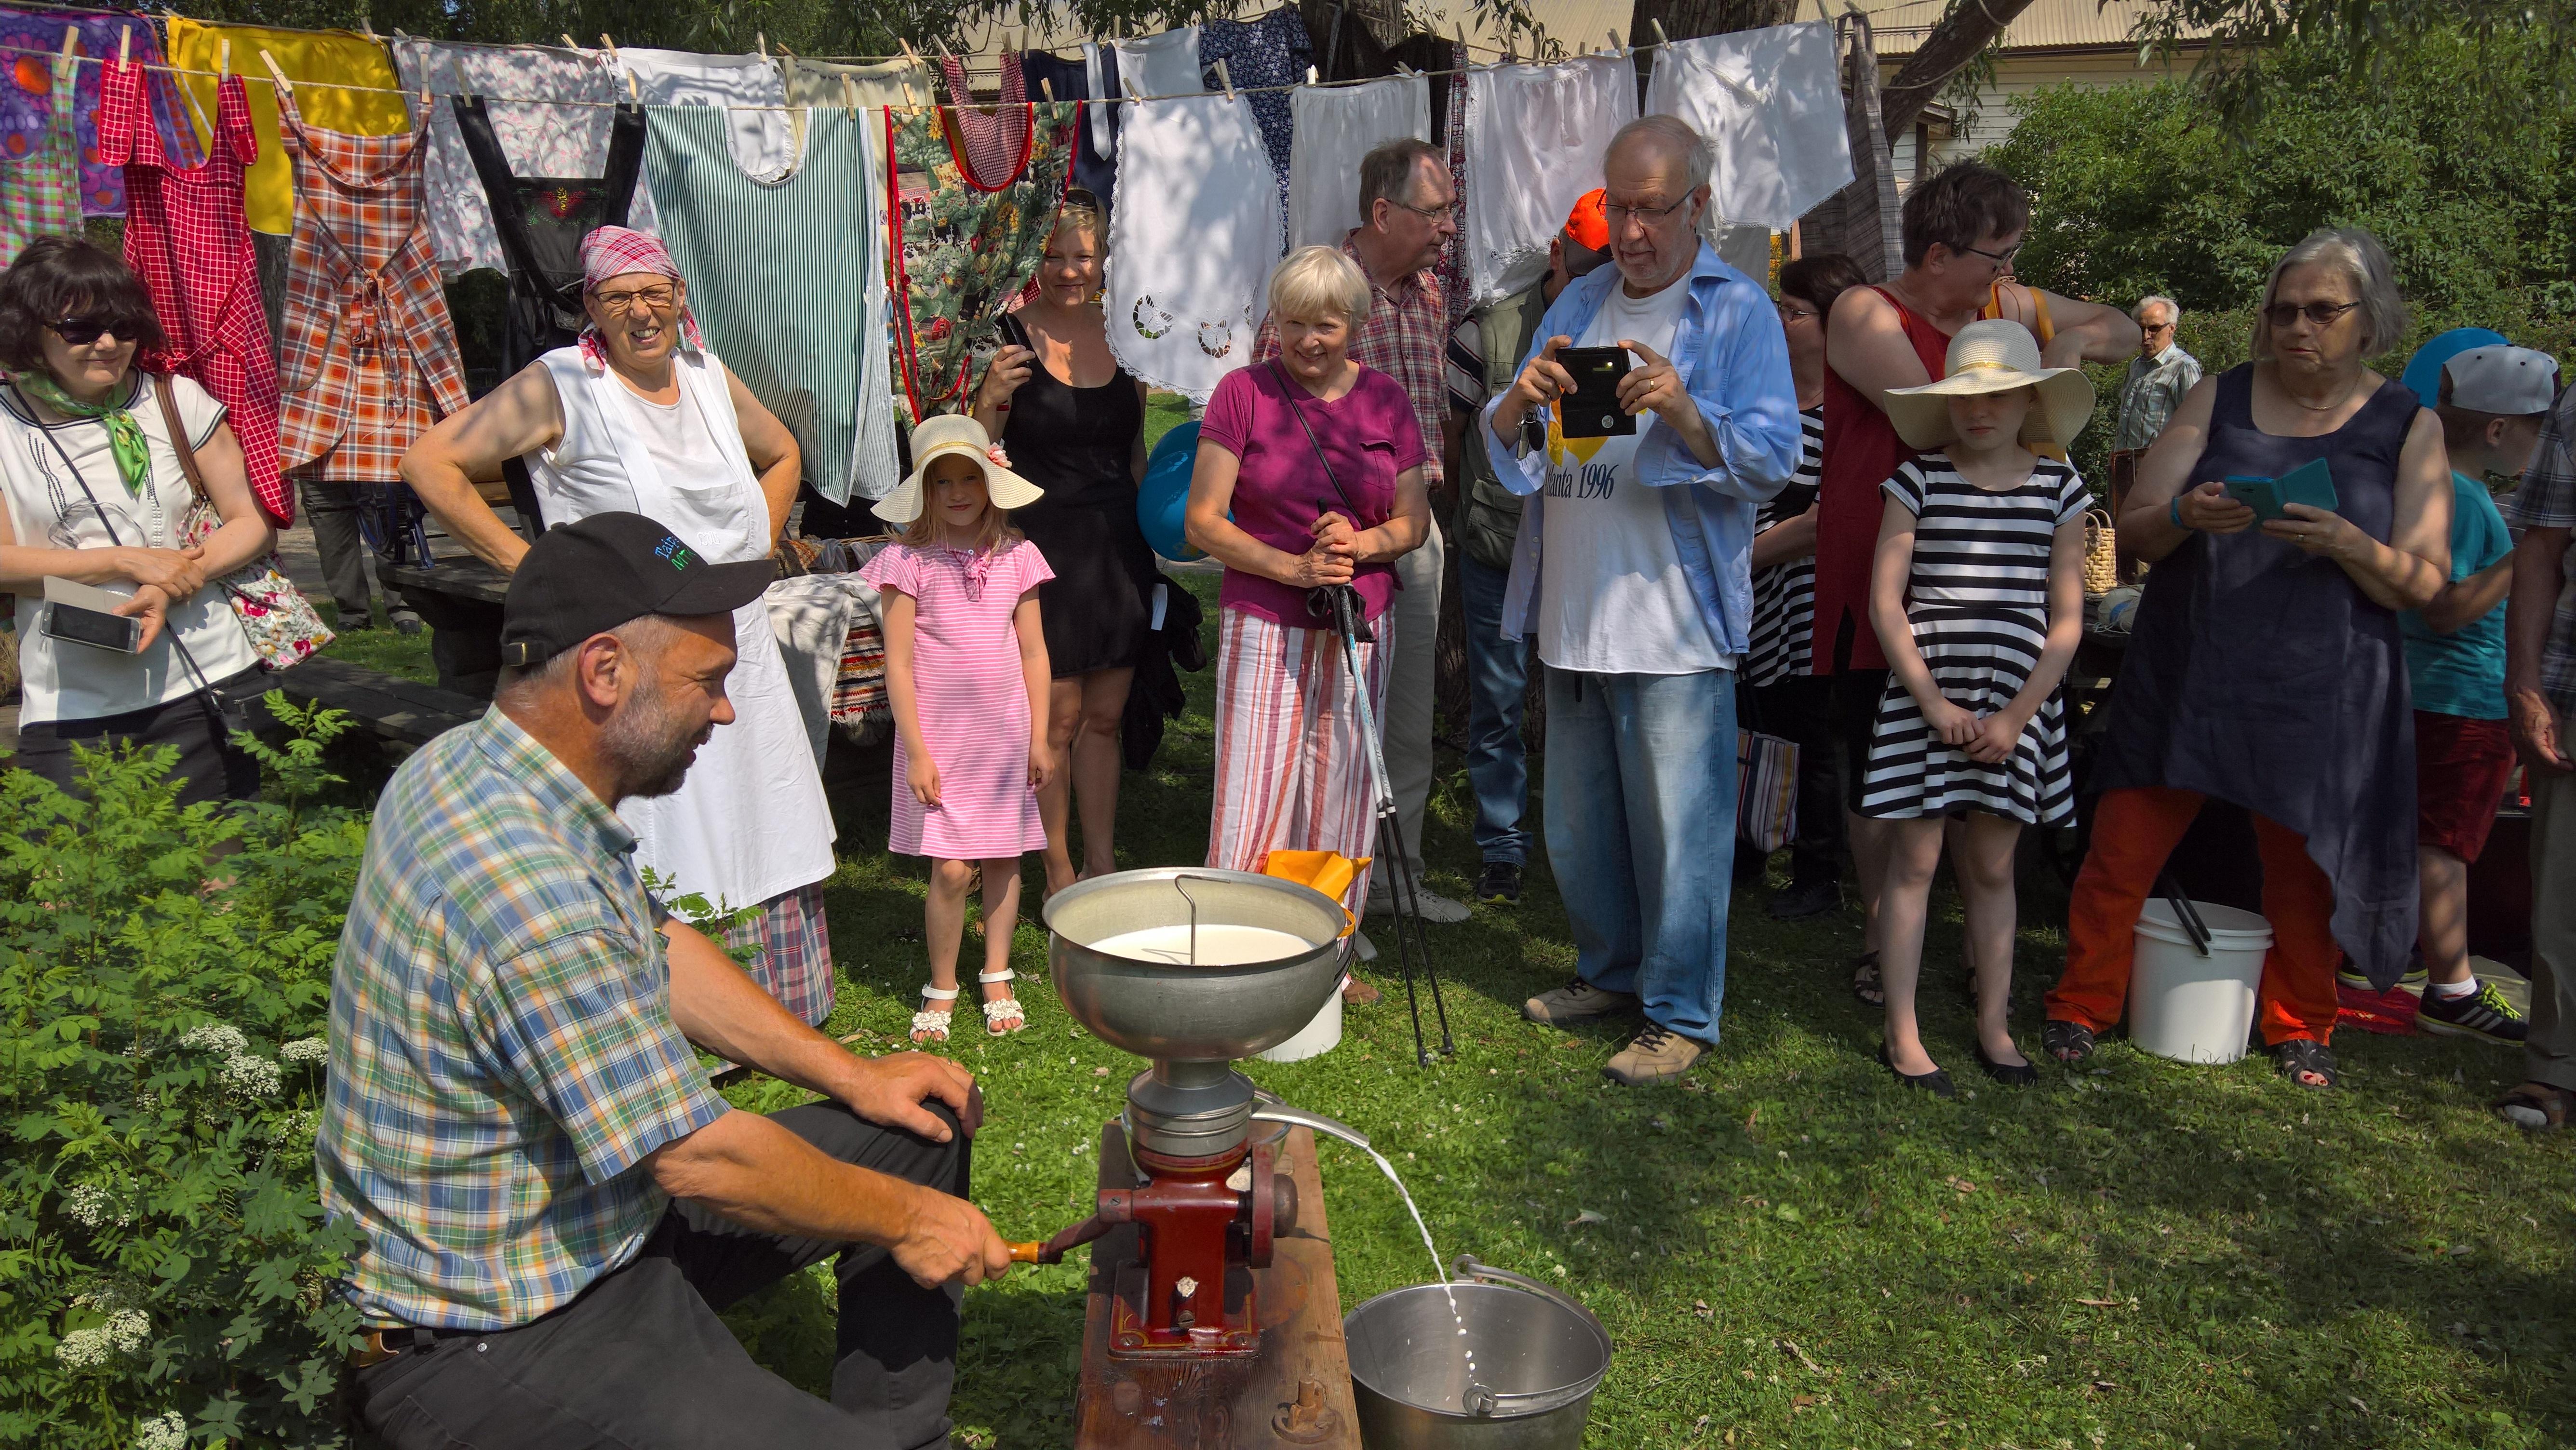 Maaseudun perinnepäivässä 2.7.2017 Röytyssä väkeä vieraili yli 1000 henkeä. Monipuolinen ohjelma kiinnosti ja paikallinen ruoka maistui tapahtumassa.